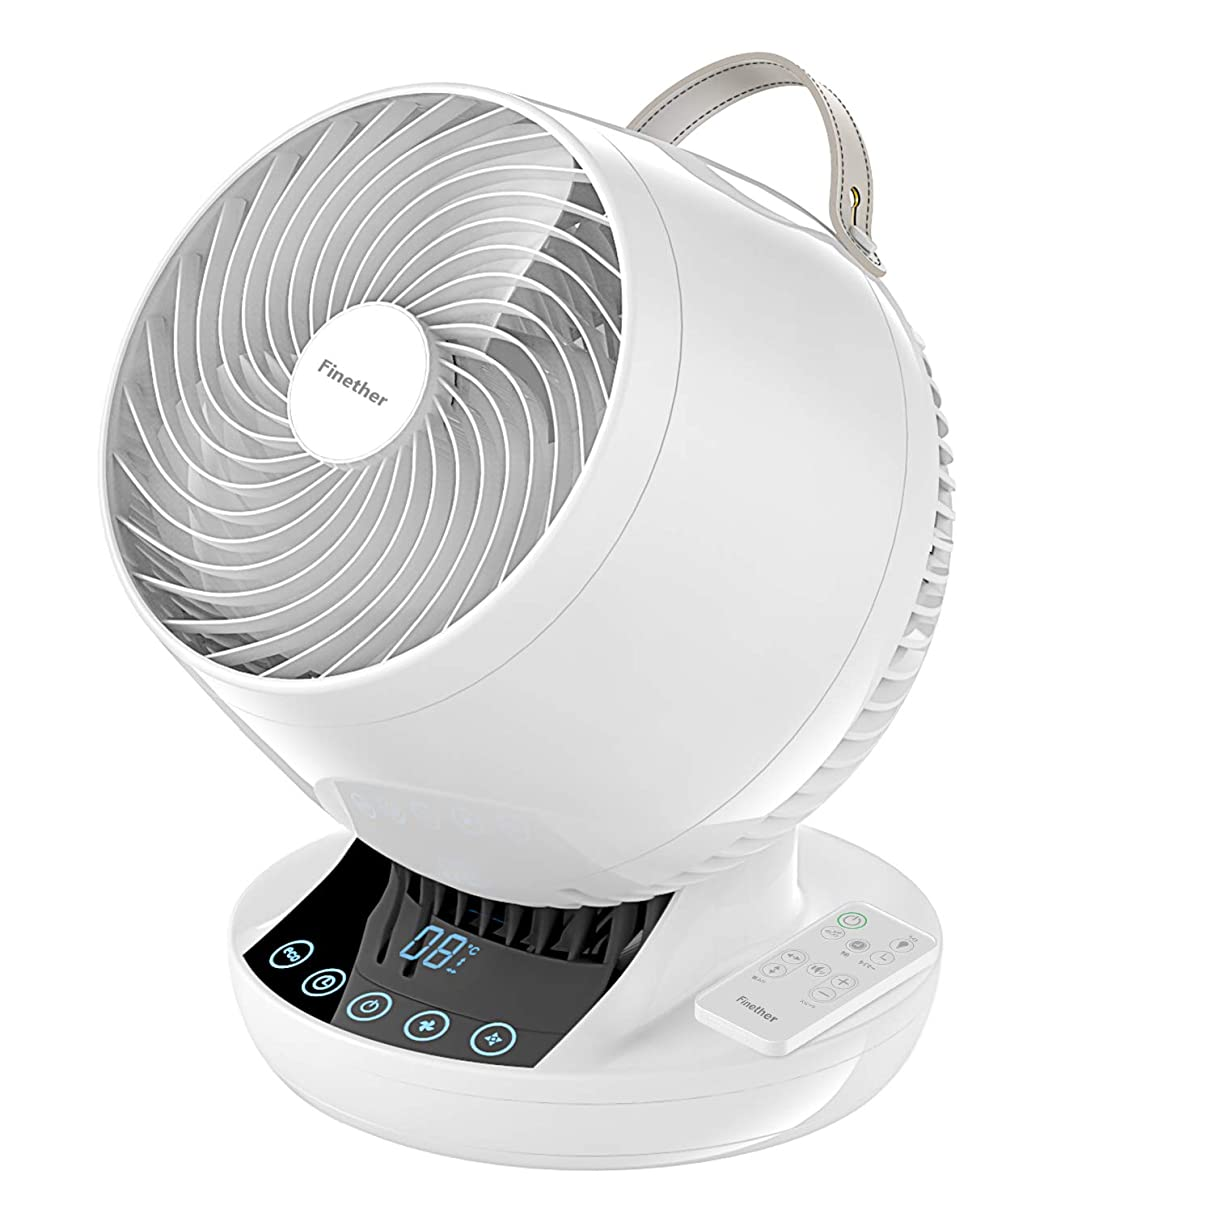 有彩色の単独で代わりにFinether サーキュレーター 首振り 扇風機 3D送風 パワフル 空気循環機 省エネ 送風機 自動首振り 風量12段階調節可能 タイムセール タッチパネル リモコン付き エコモード搭載 操作簡単 8畳/18畳/24畳対応 (ホワイト)